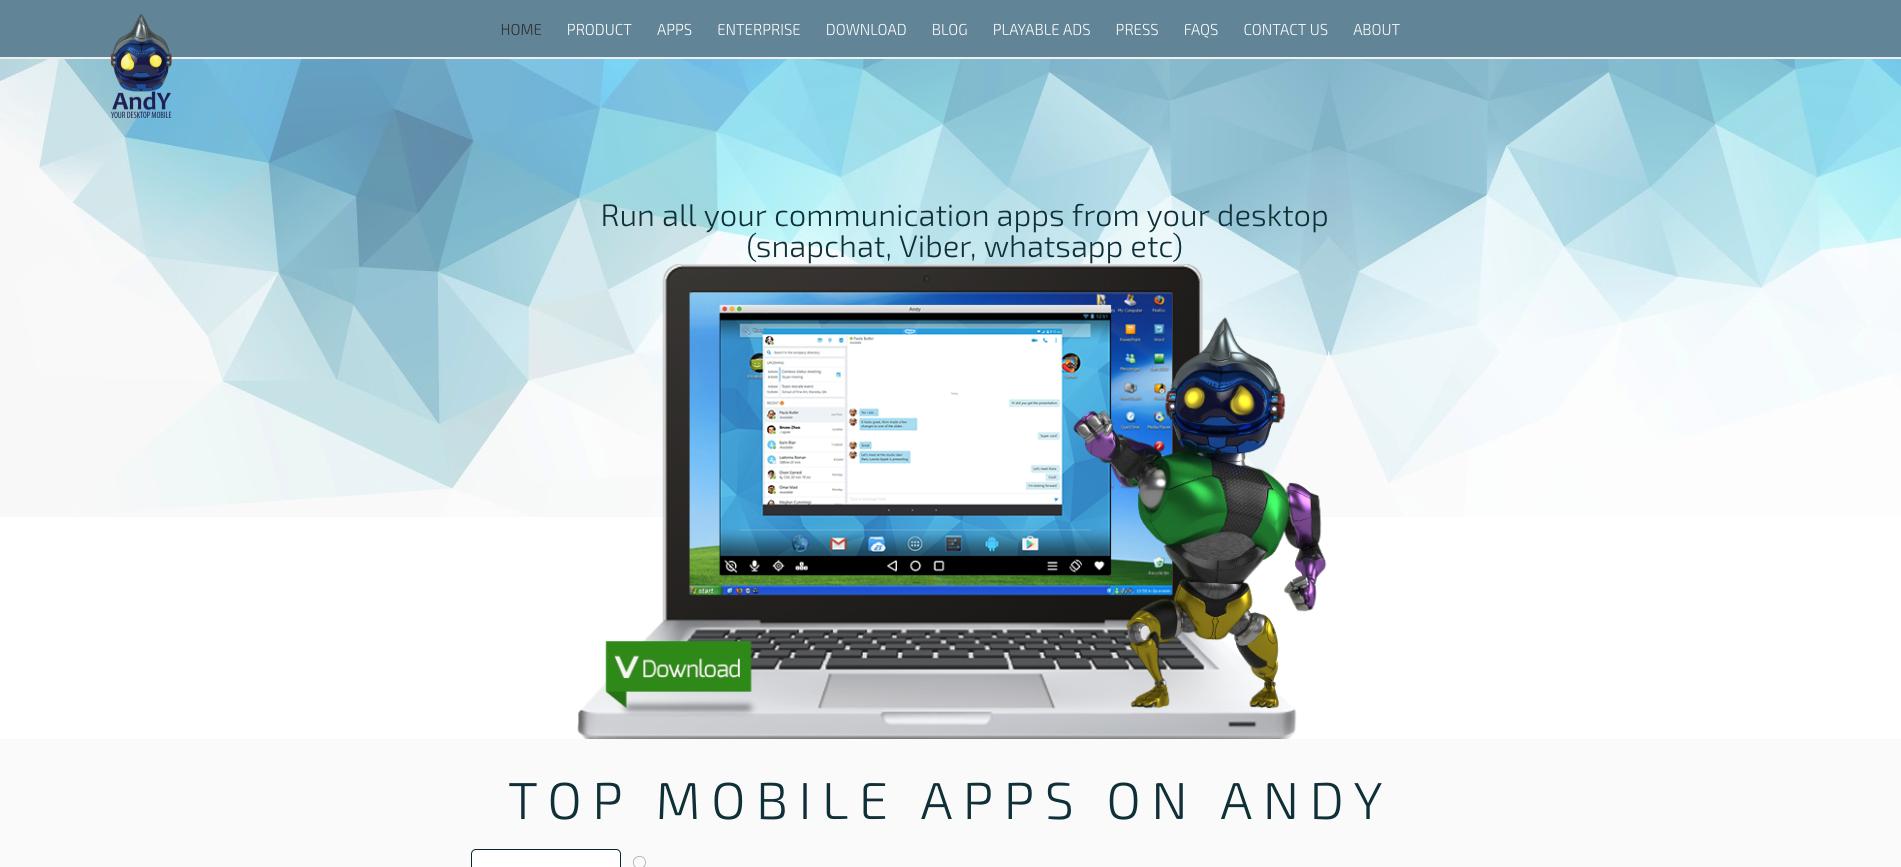 Os 5 melhores programas para emular Android no computador - Positivo